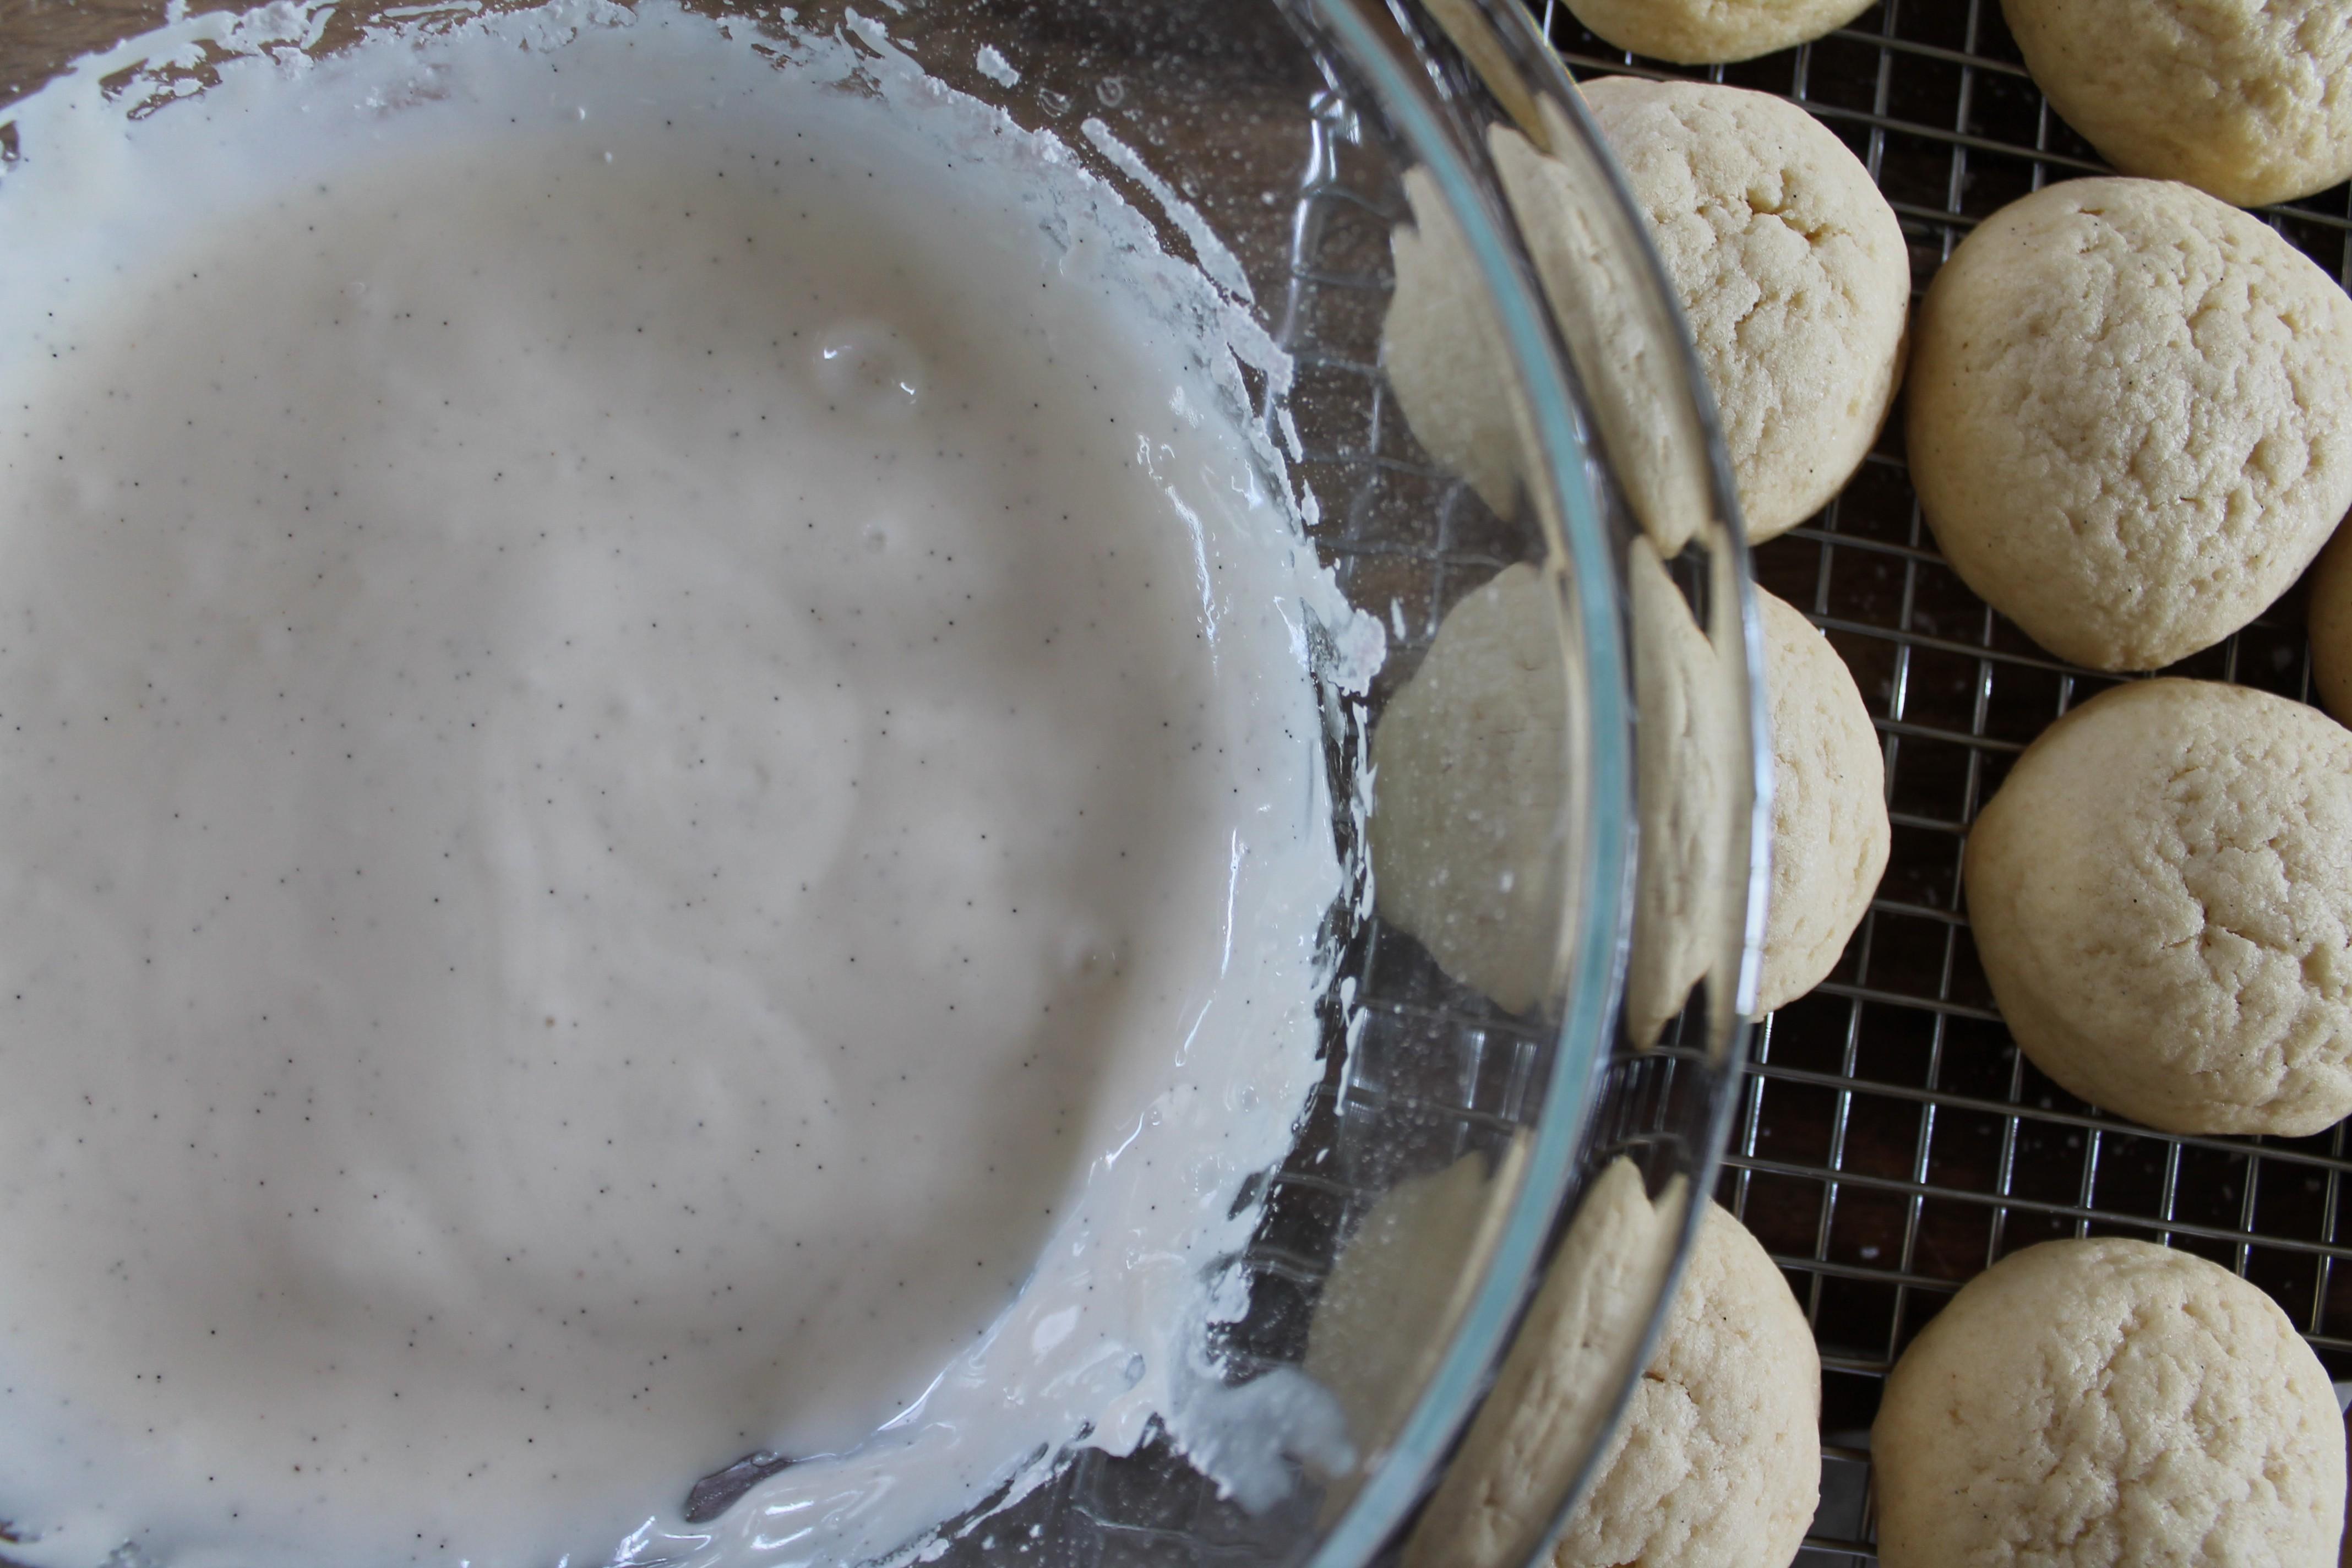 Sour Cream Glaze